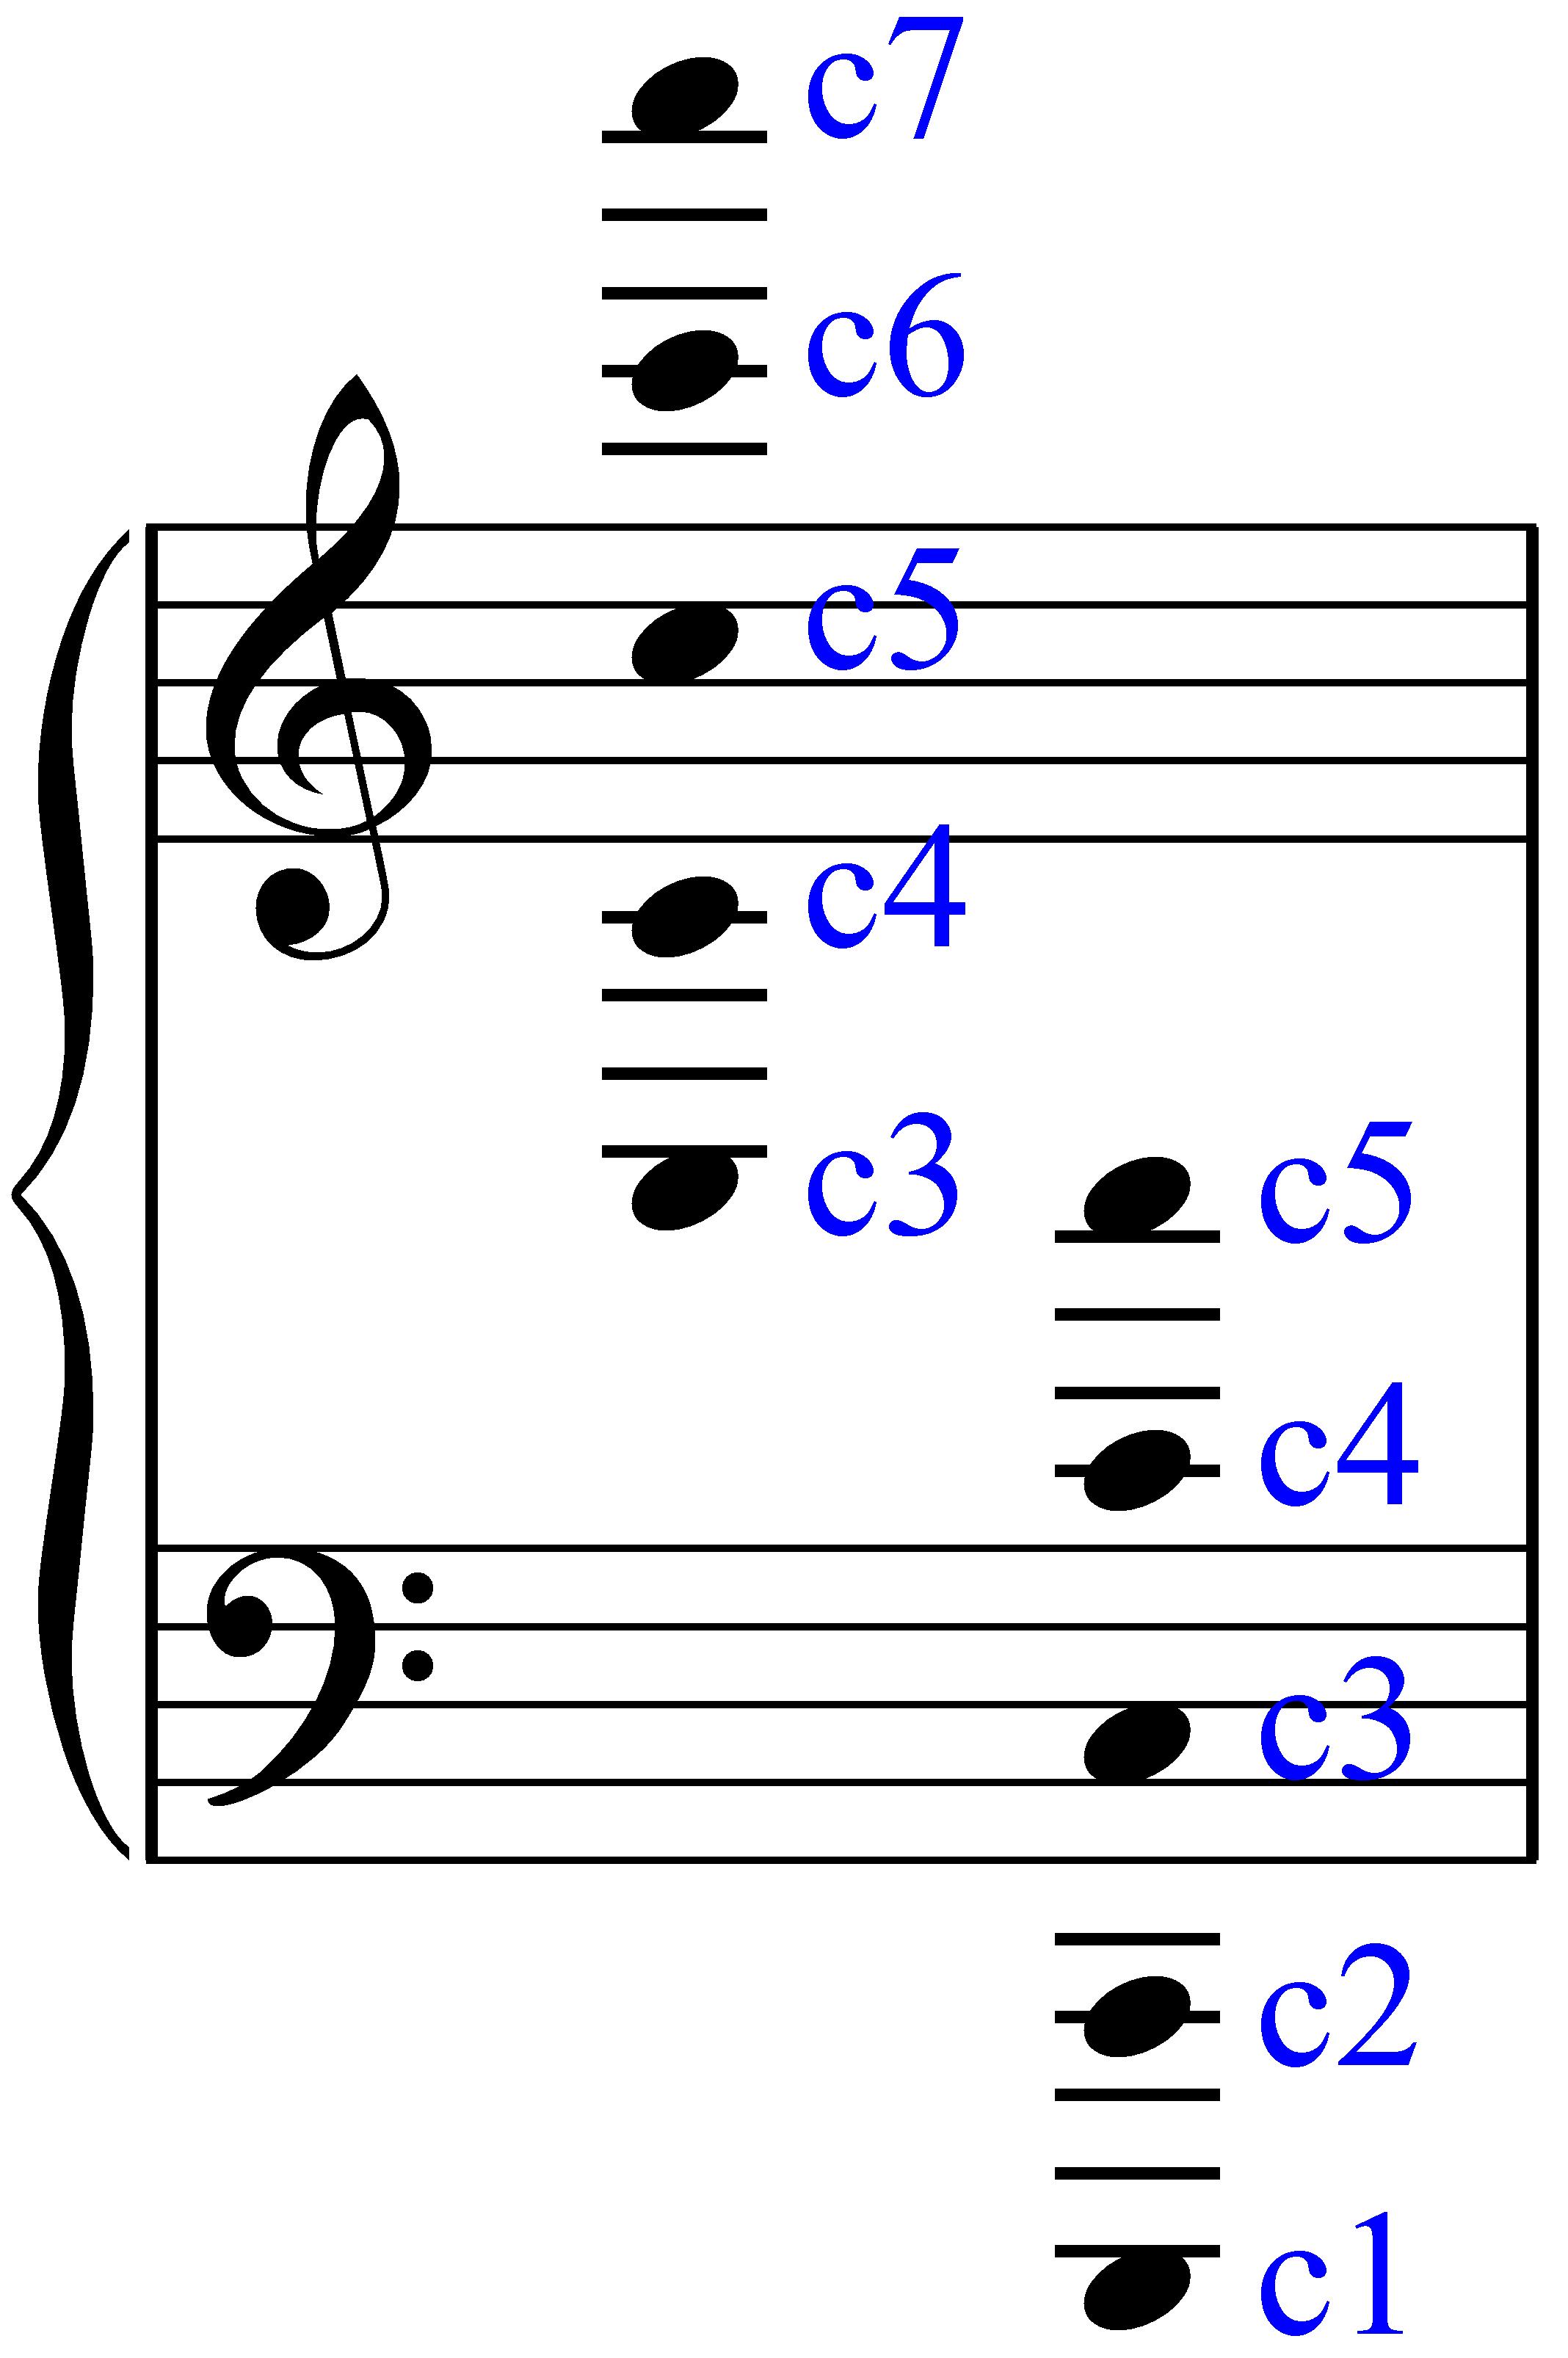 Noten im Violinschlüssel mit dem Stammnamen c - von Dr. Bernd Michael Sommer | MUSIK IST MEHR